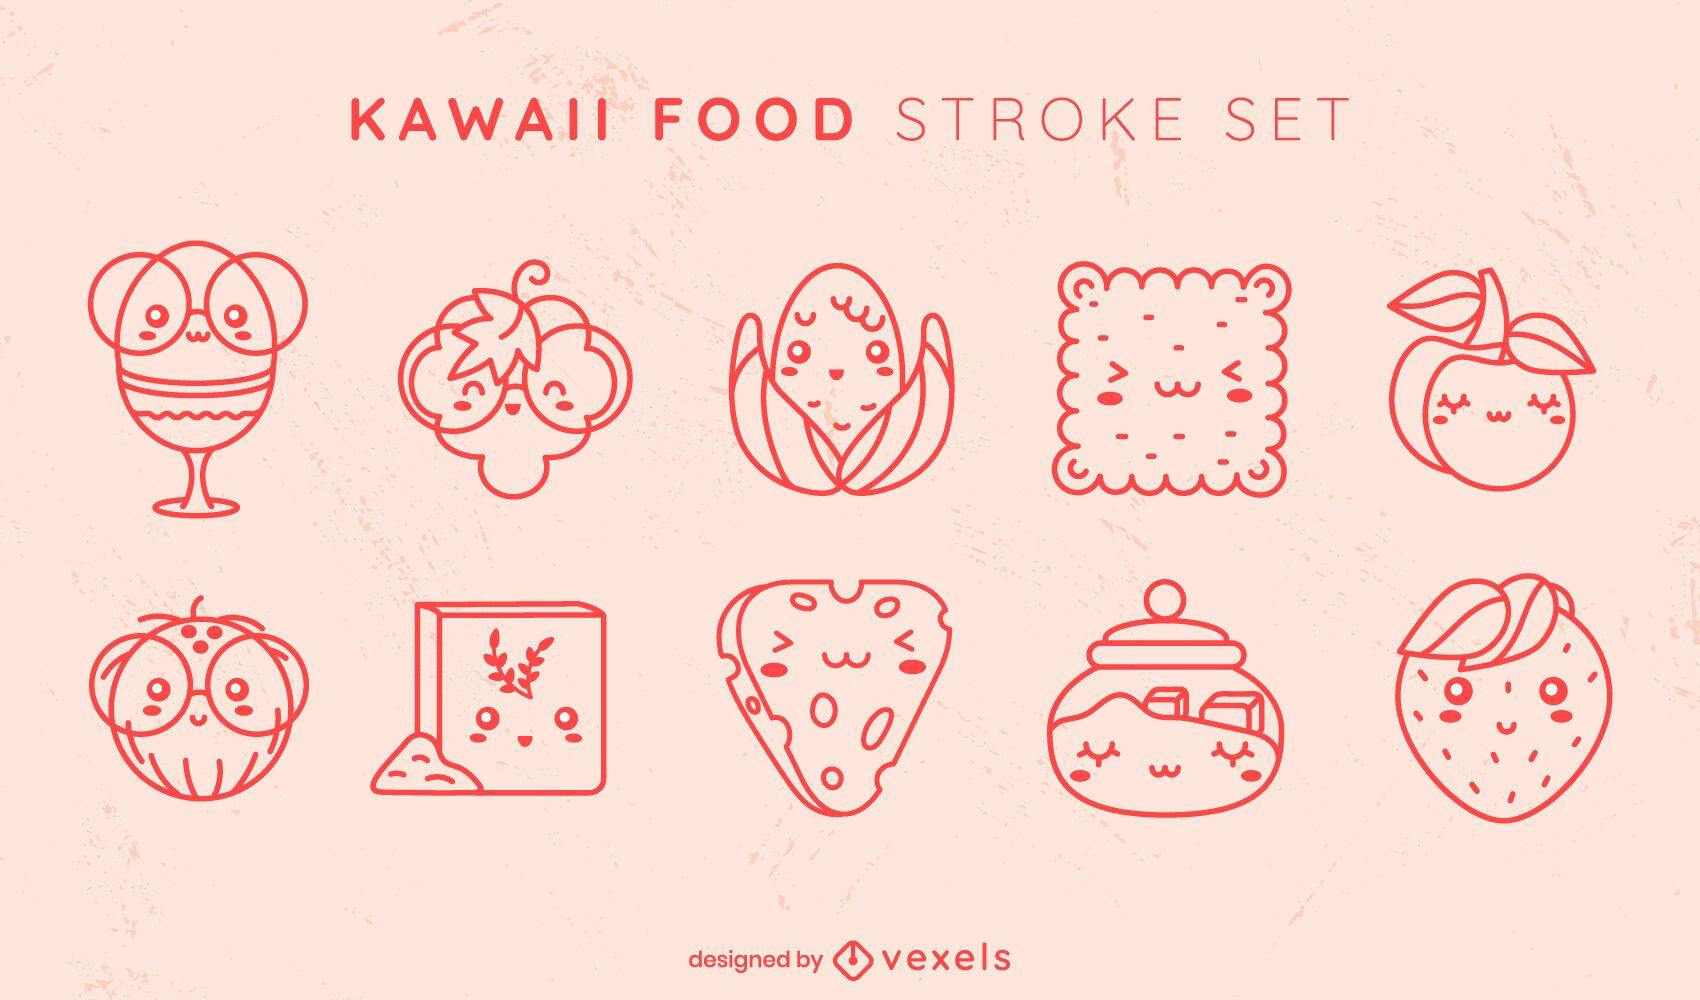 Kawaii food stroke set